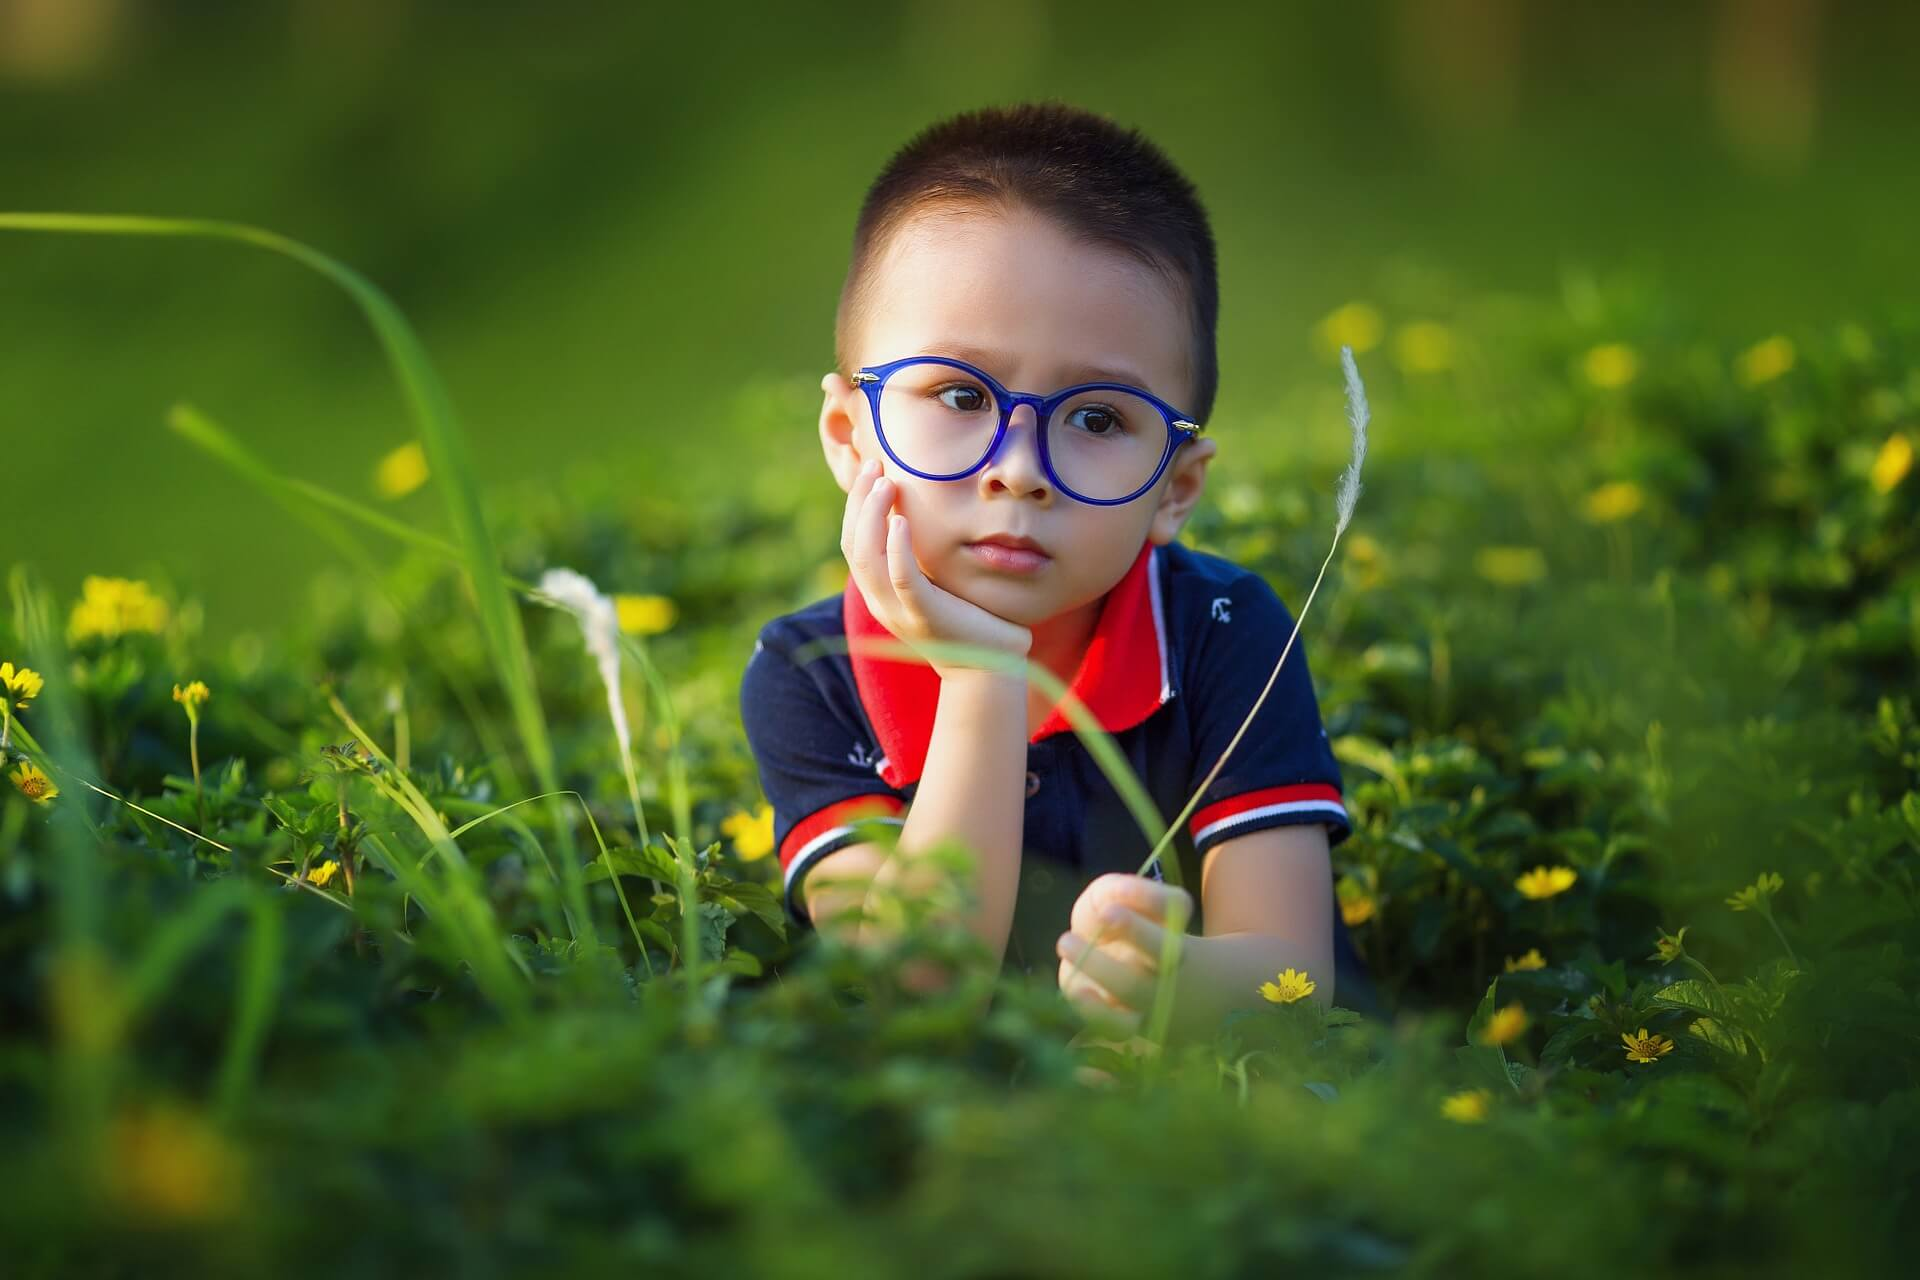 dziecko-sie-zlosci pozytywna-dyscyplina